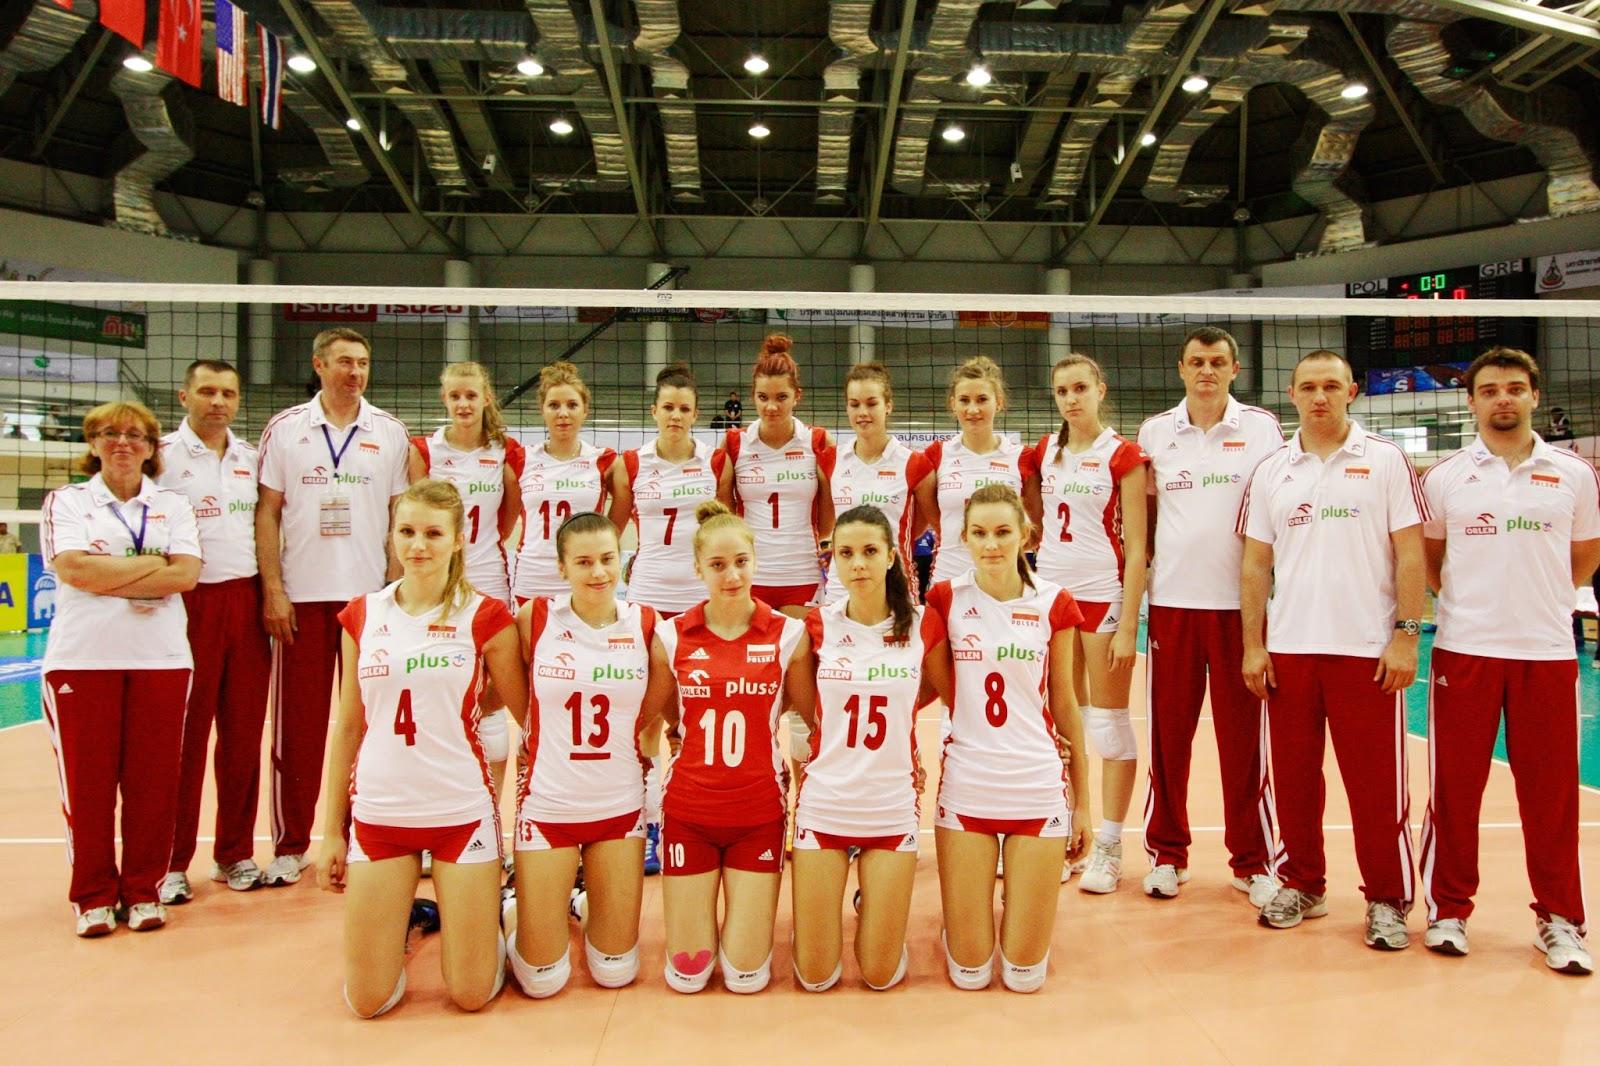 Polonia destrona a Brasil y logra su segundo título 40 años después